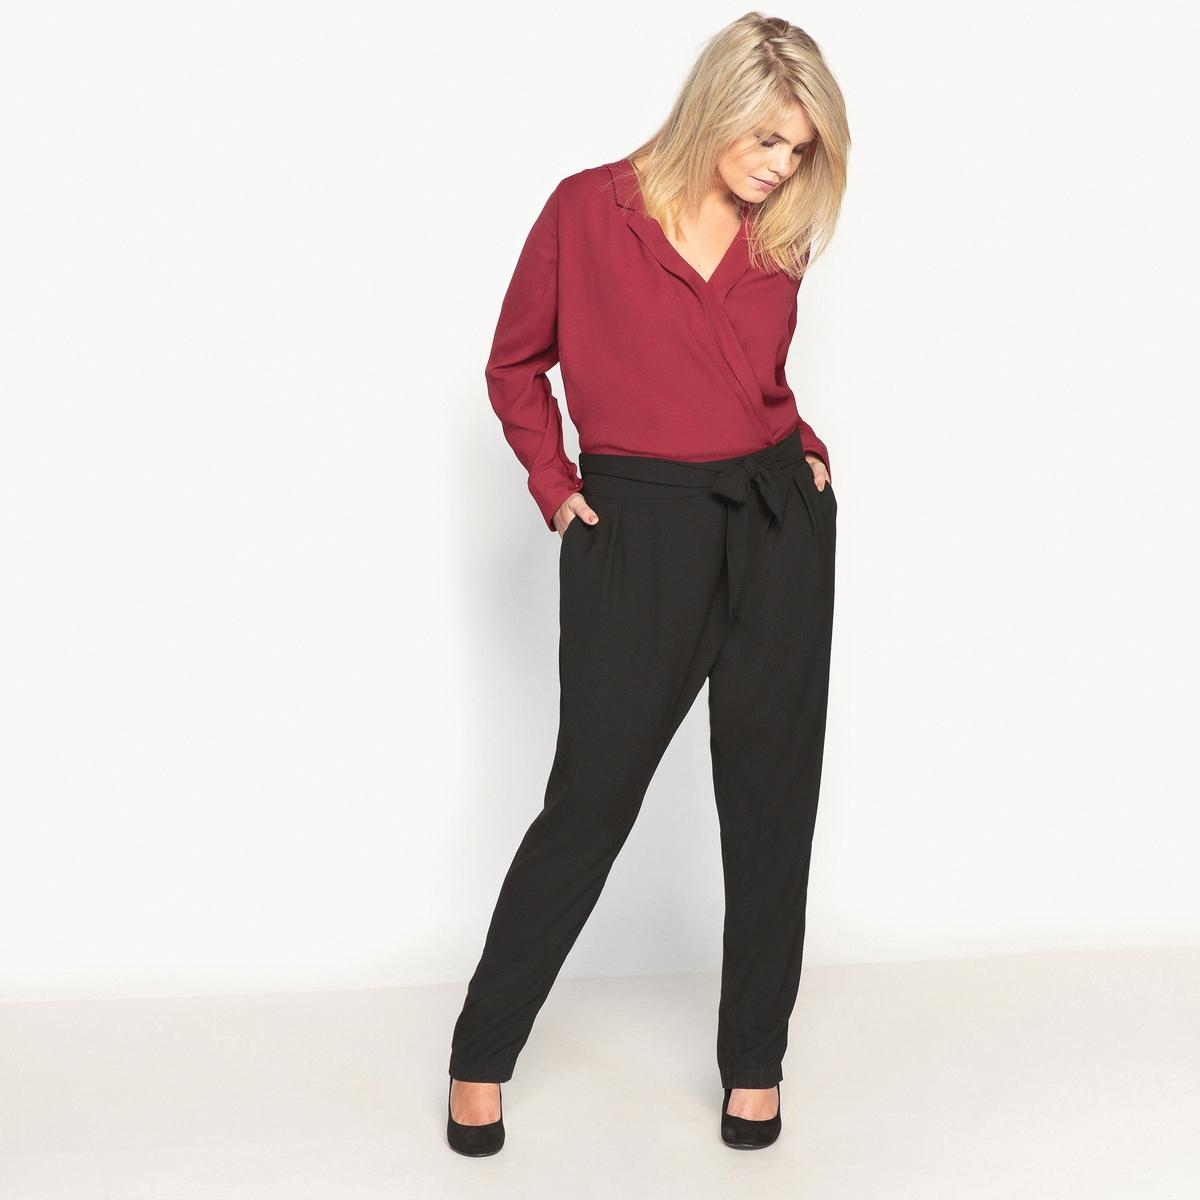 Комбинезон с брюками двухцветныйОписание:Модный двухцветный комбинезон с брюками. Красивый покрой слим, подчеркивающий силуэт. Очень оригинальный комбинезон с брюками.Детали •  Покрой слим, дудочки     •  Графичный рисунокСостав и уход •  100% полиэстер  •  Температура стирки 30°   •  Сухая чистка и отбеливание запрещены •  Не использовать барабанную сушку •  Низкая температура глажкиТовар из коллекции больших размеров<br><br>Цвет: двухцветный